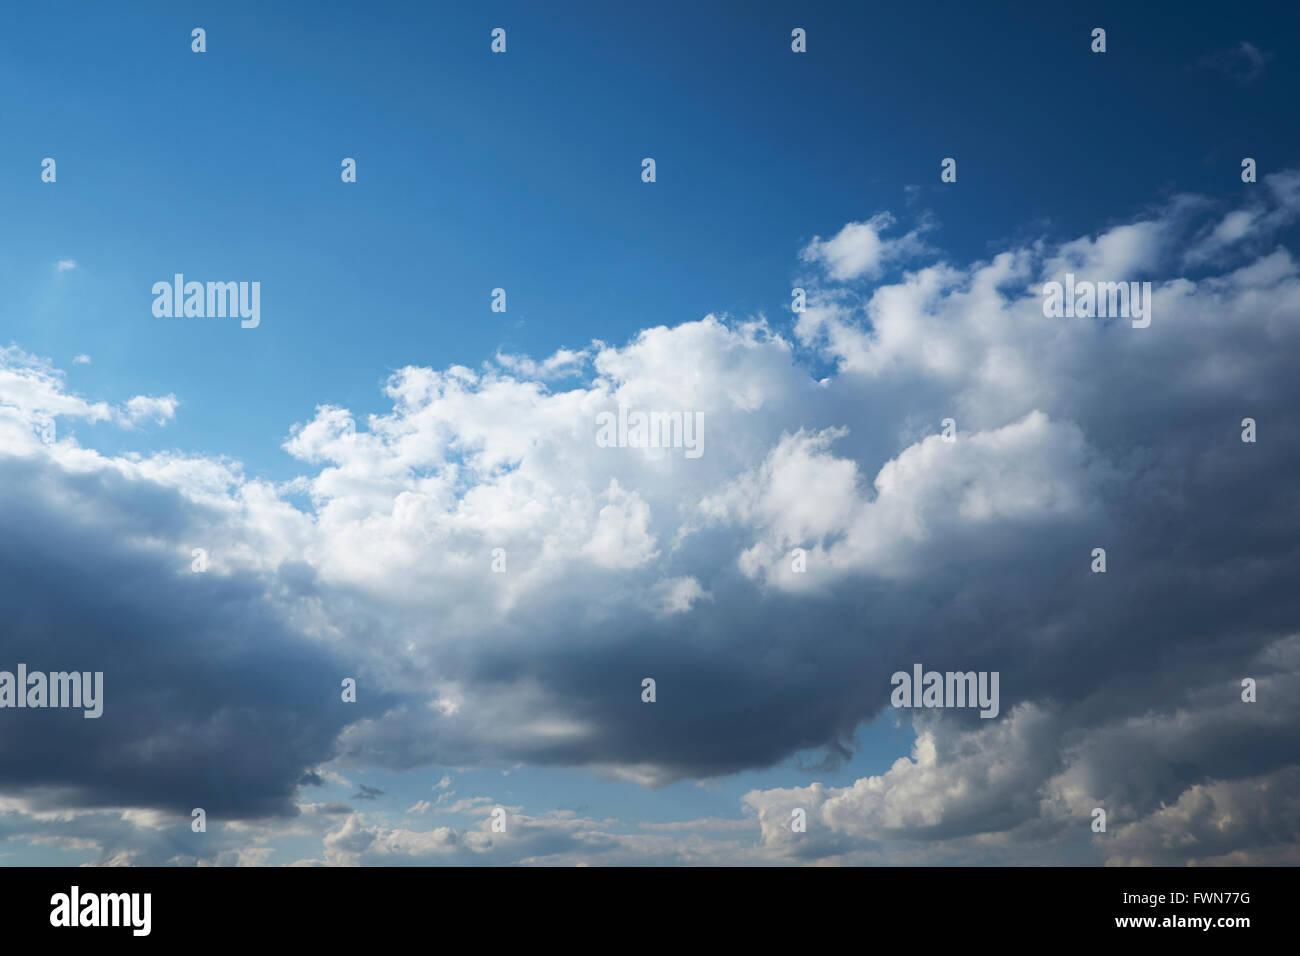 Cumulonimbus cloud formations against a bright blue sky. UK. - Stock Image